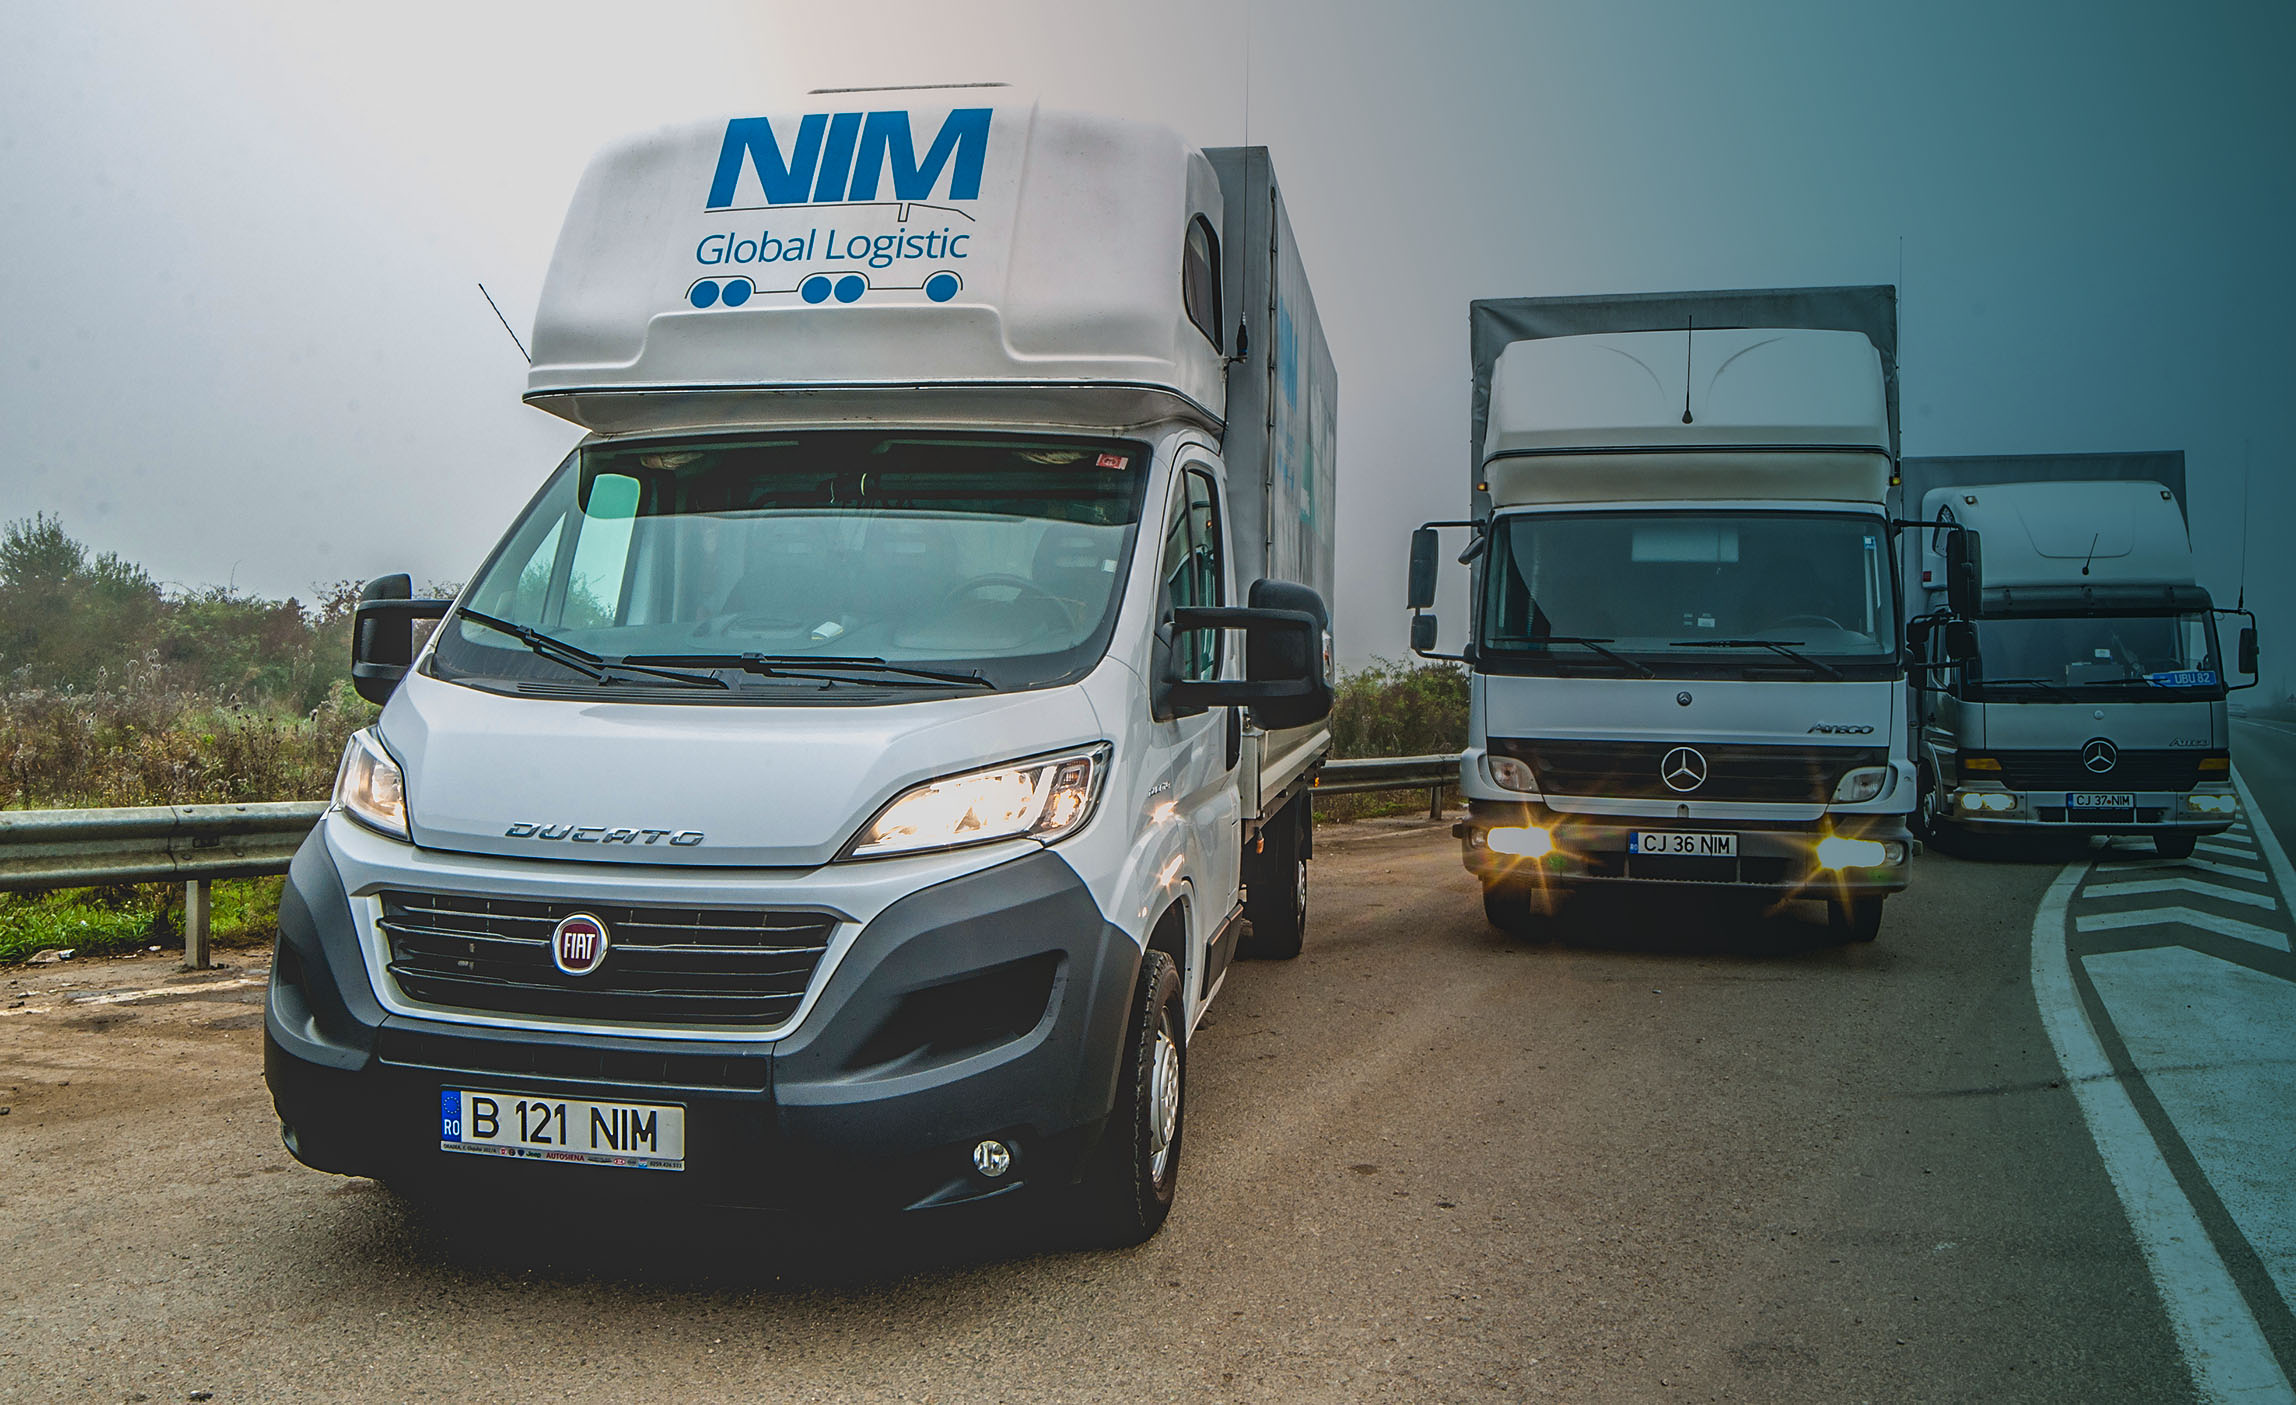 Siguranta marfii dvs. este una din prioritatile noastre pe toata durata transportului, alaturi de promptitudine si serviciile de localizare si monitorizare auto.